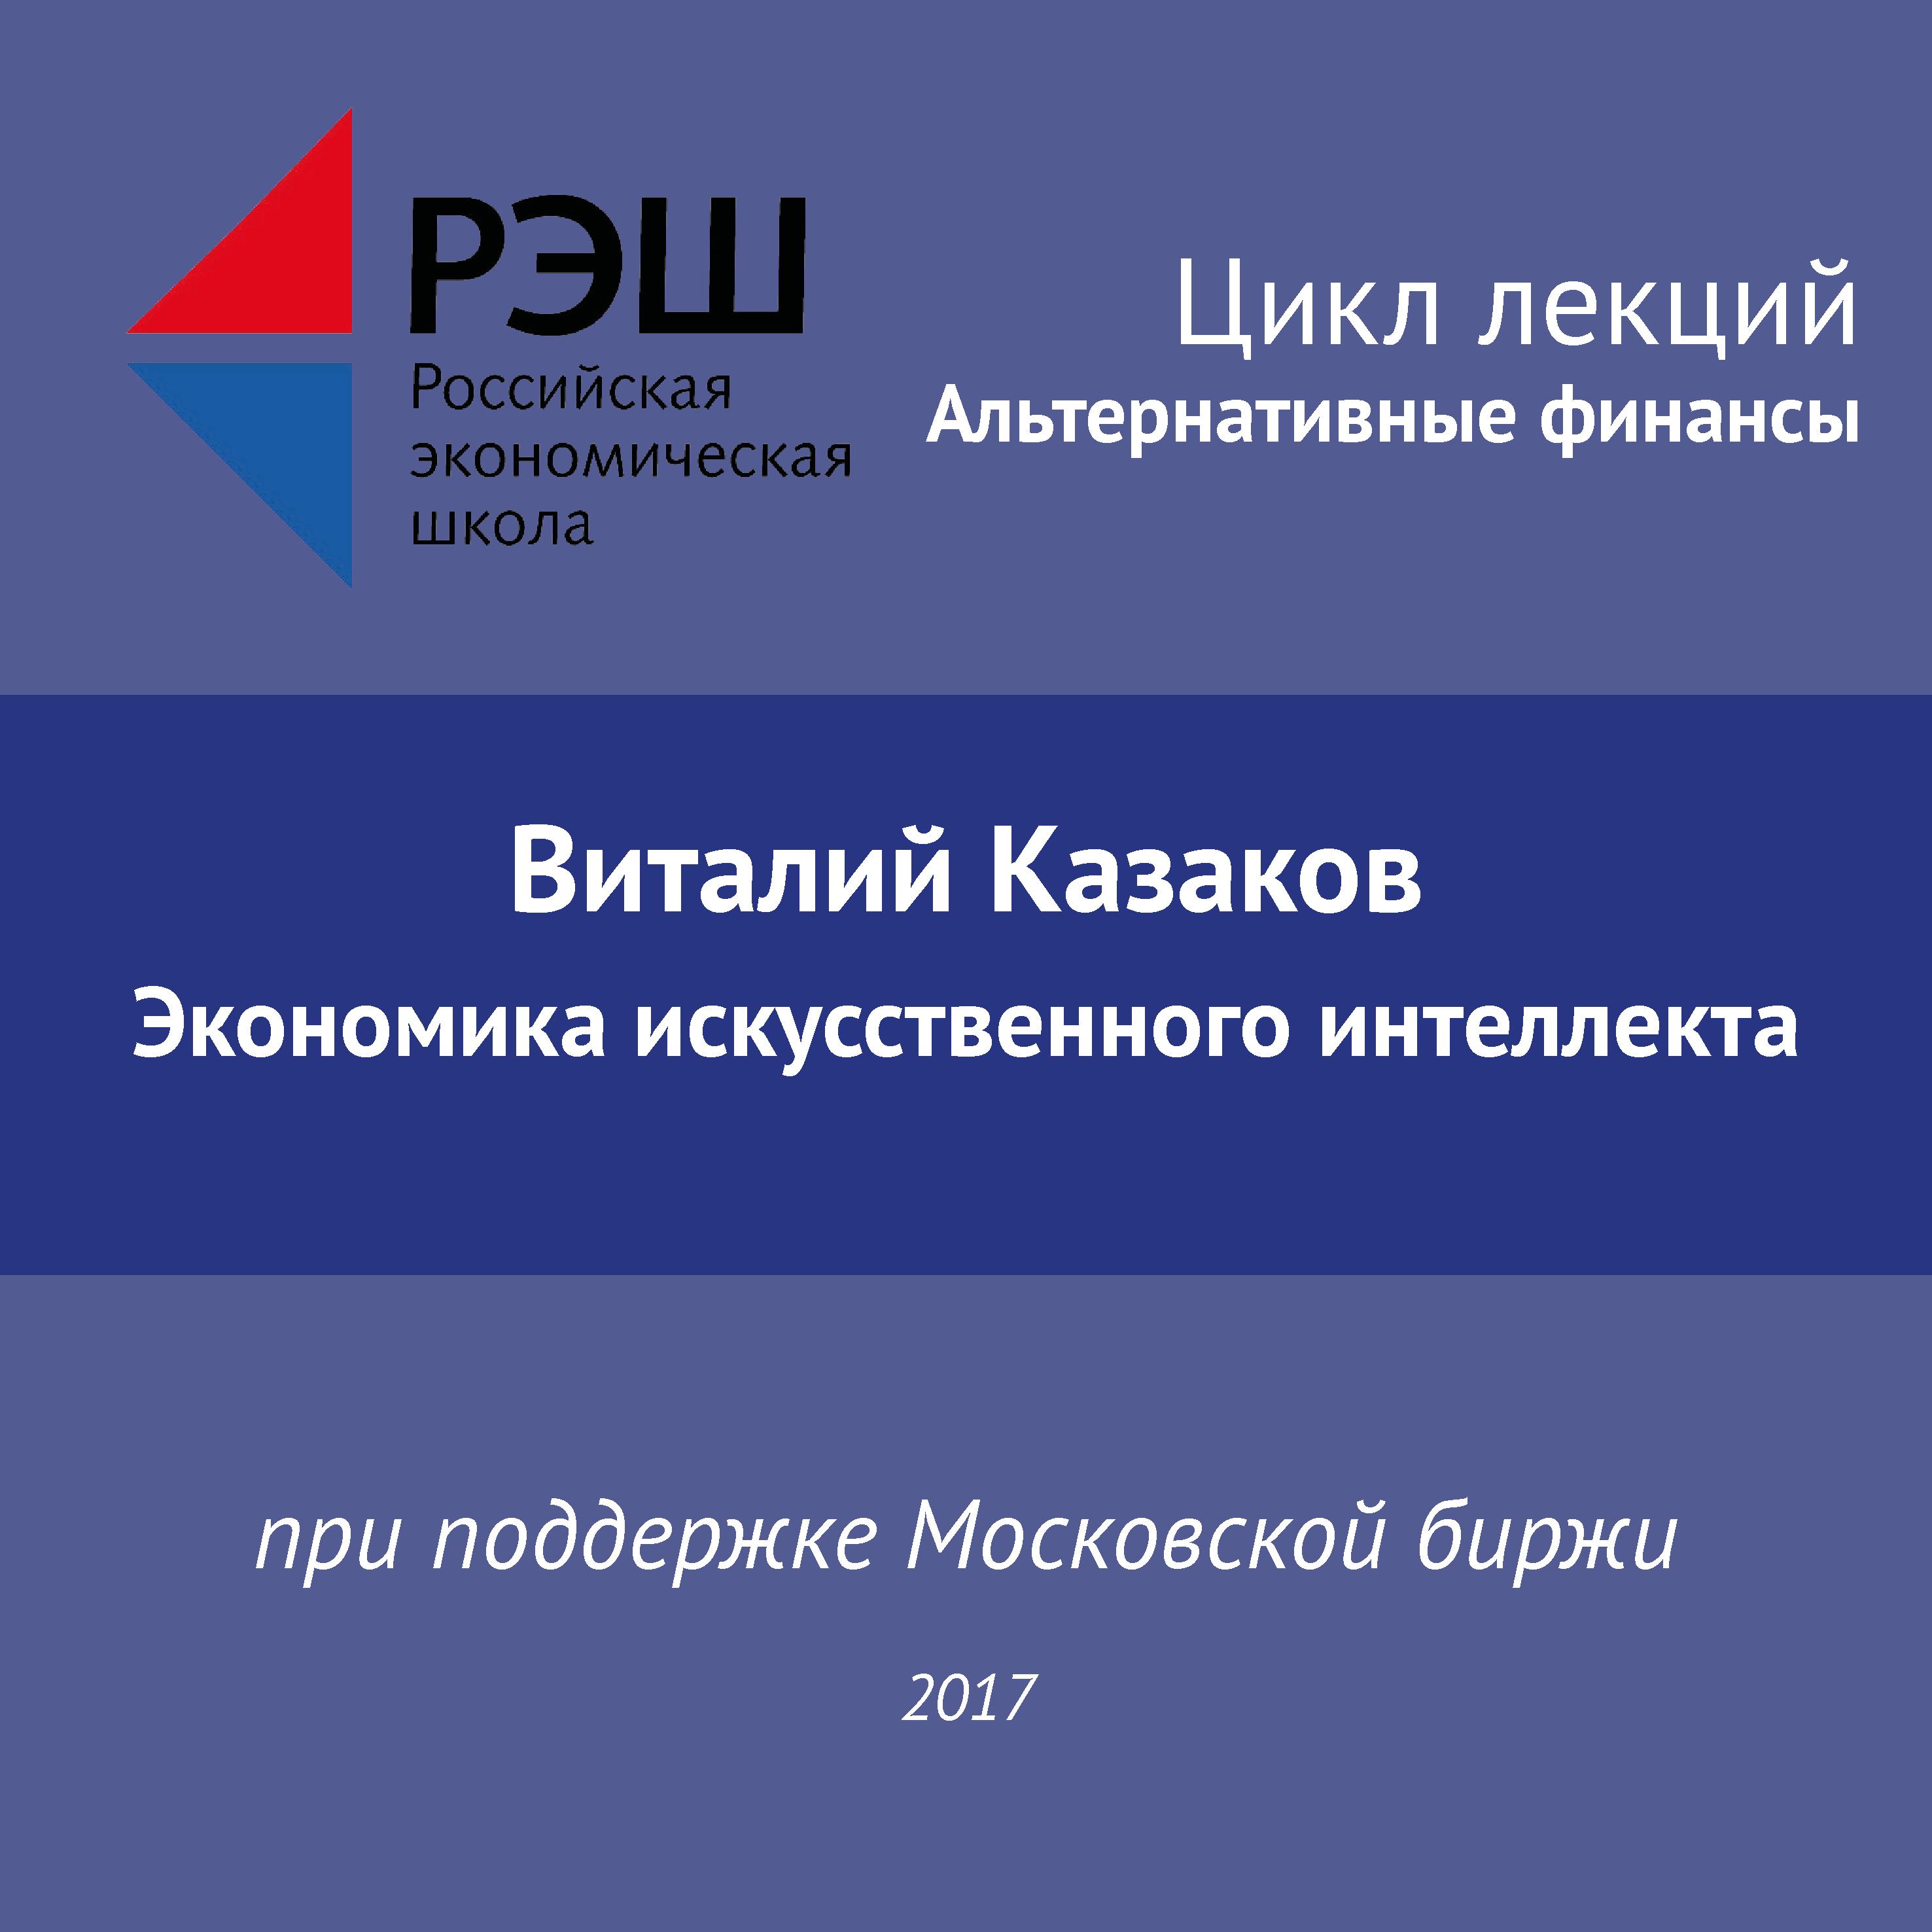 Лекция №02 «Виталий Казаков. Экономика искусственного интеллекта»